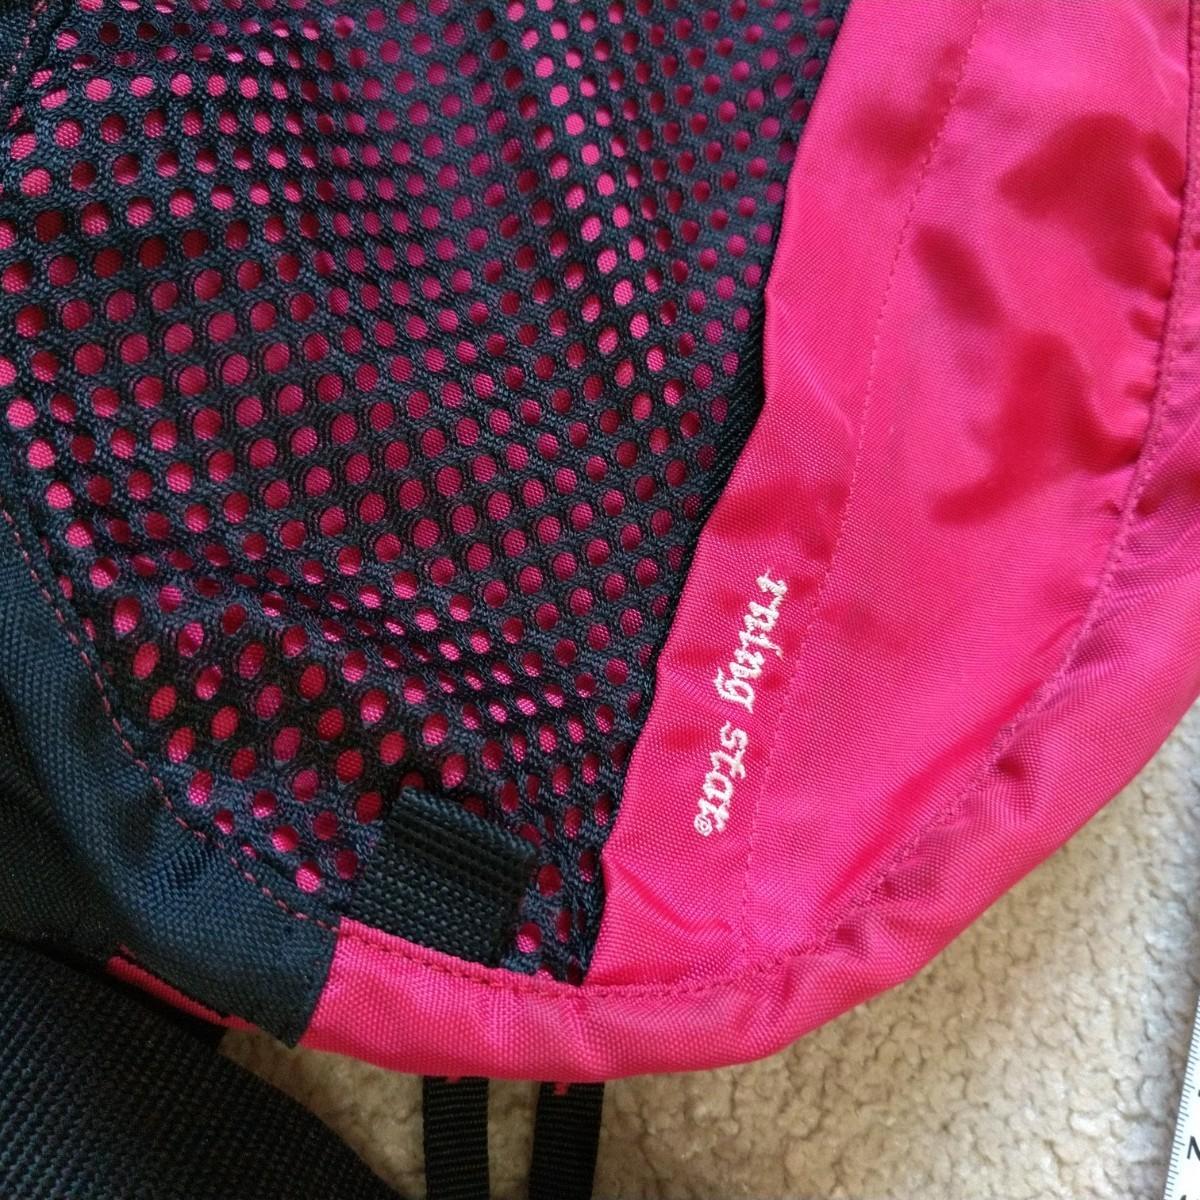 ウエストポーチ  メッシュバッグ  ボディバッグ  濃いピンク